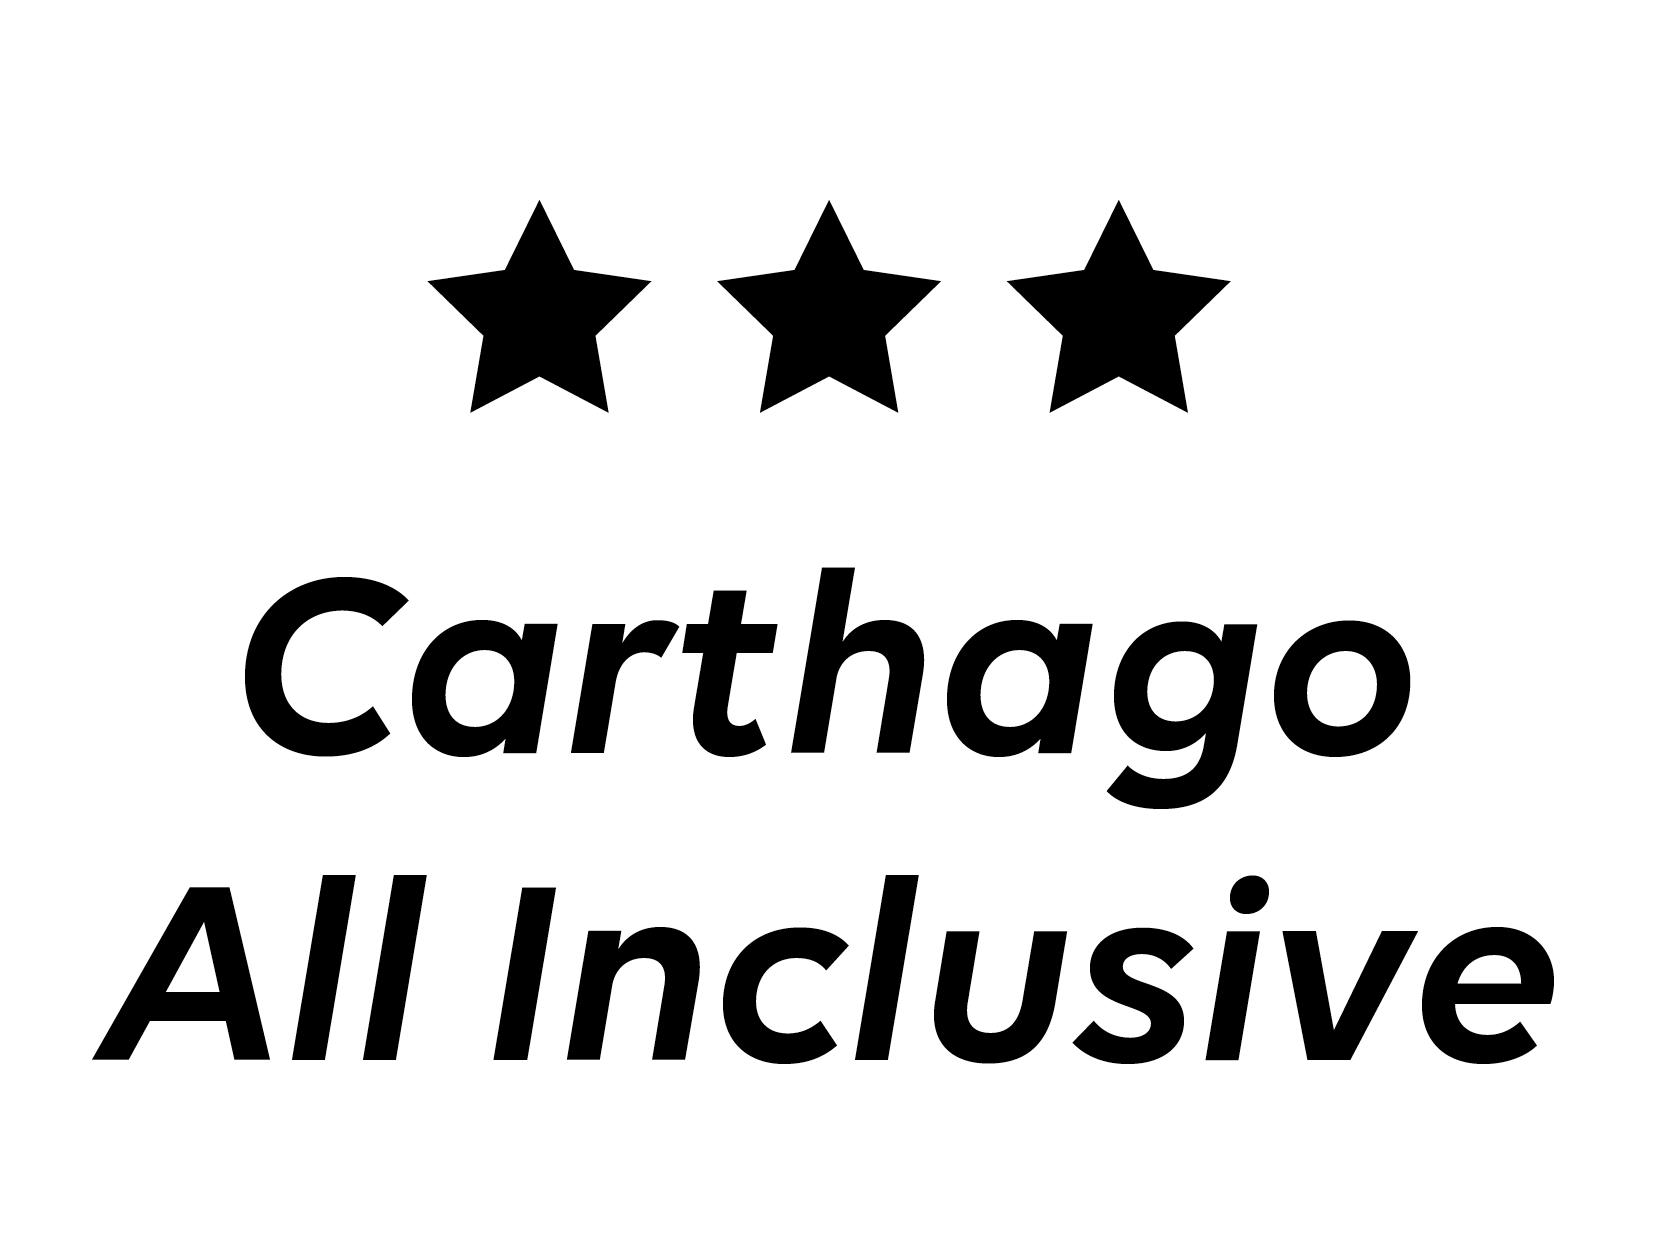 Charthagodager hos Ferda all inclusive